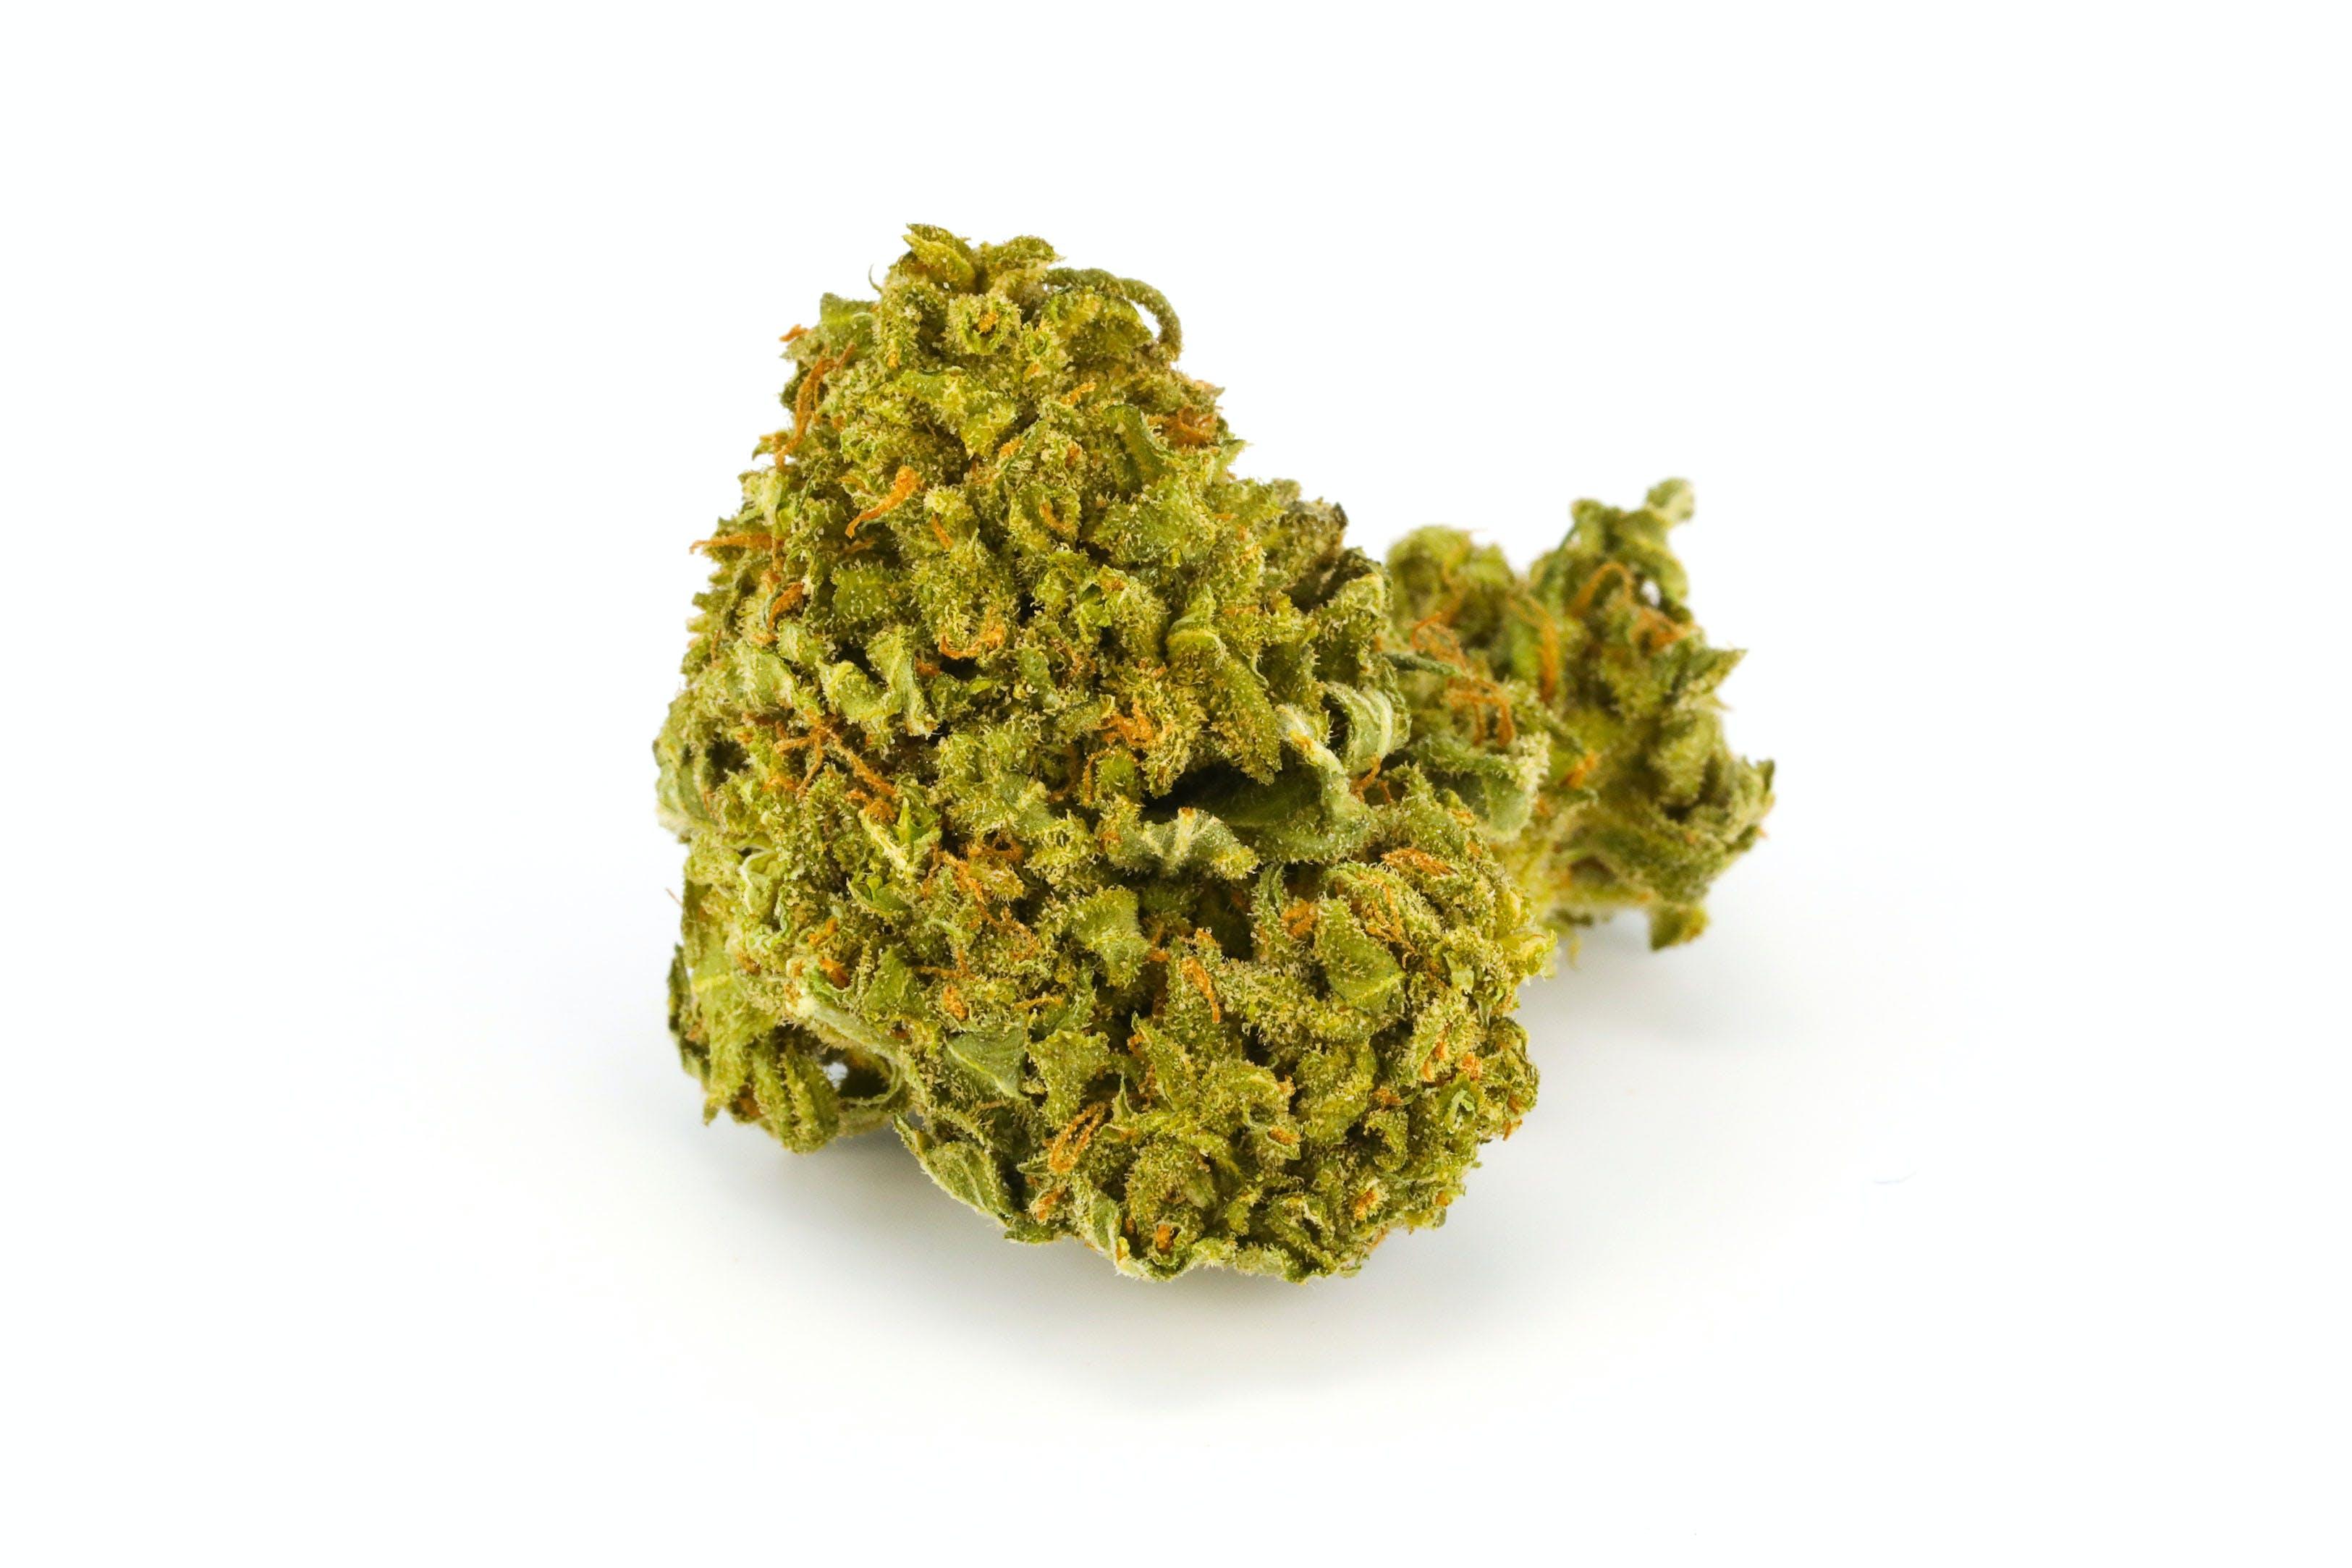 Qwad Dawg Weed; Qwad Dawg Cannabis Strain; Qwad Dawg Hybrid Marijuana Strain